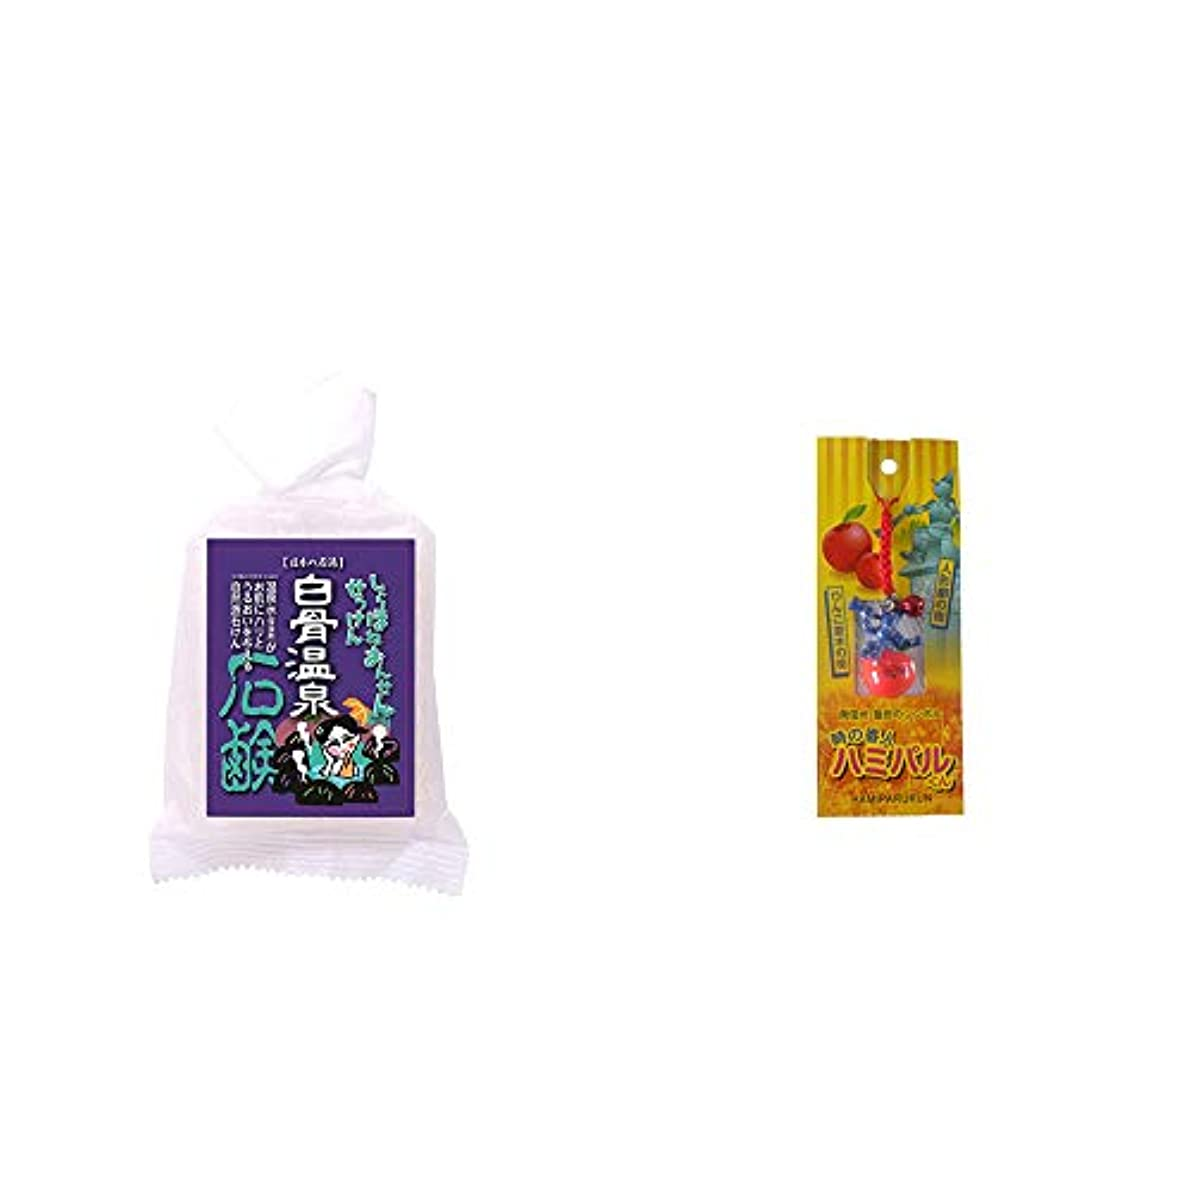 約有限かる[2点セット] 信州 白骨温泉石鹸(80g)?信州?飯田のシンボル 時の番人ハミパルくんストラップ